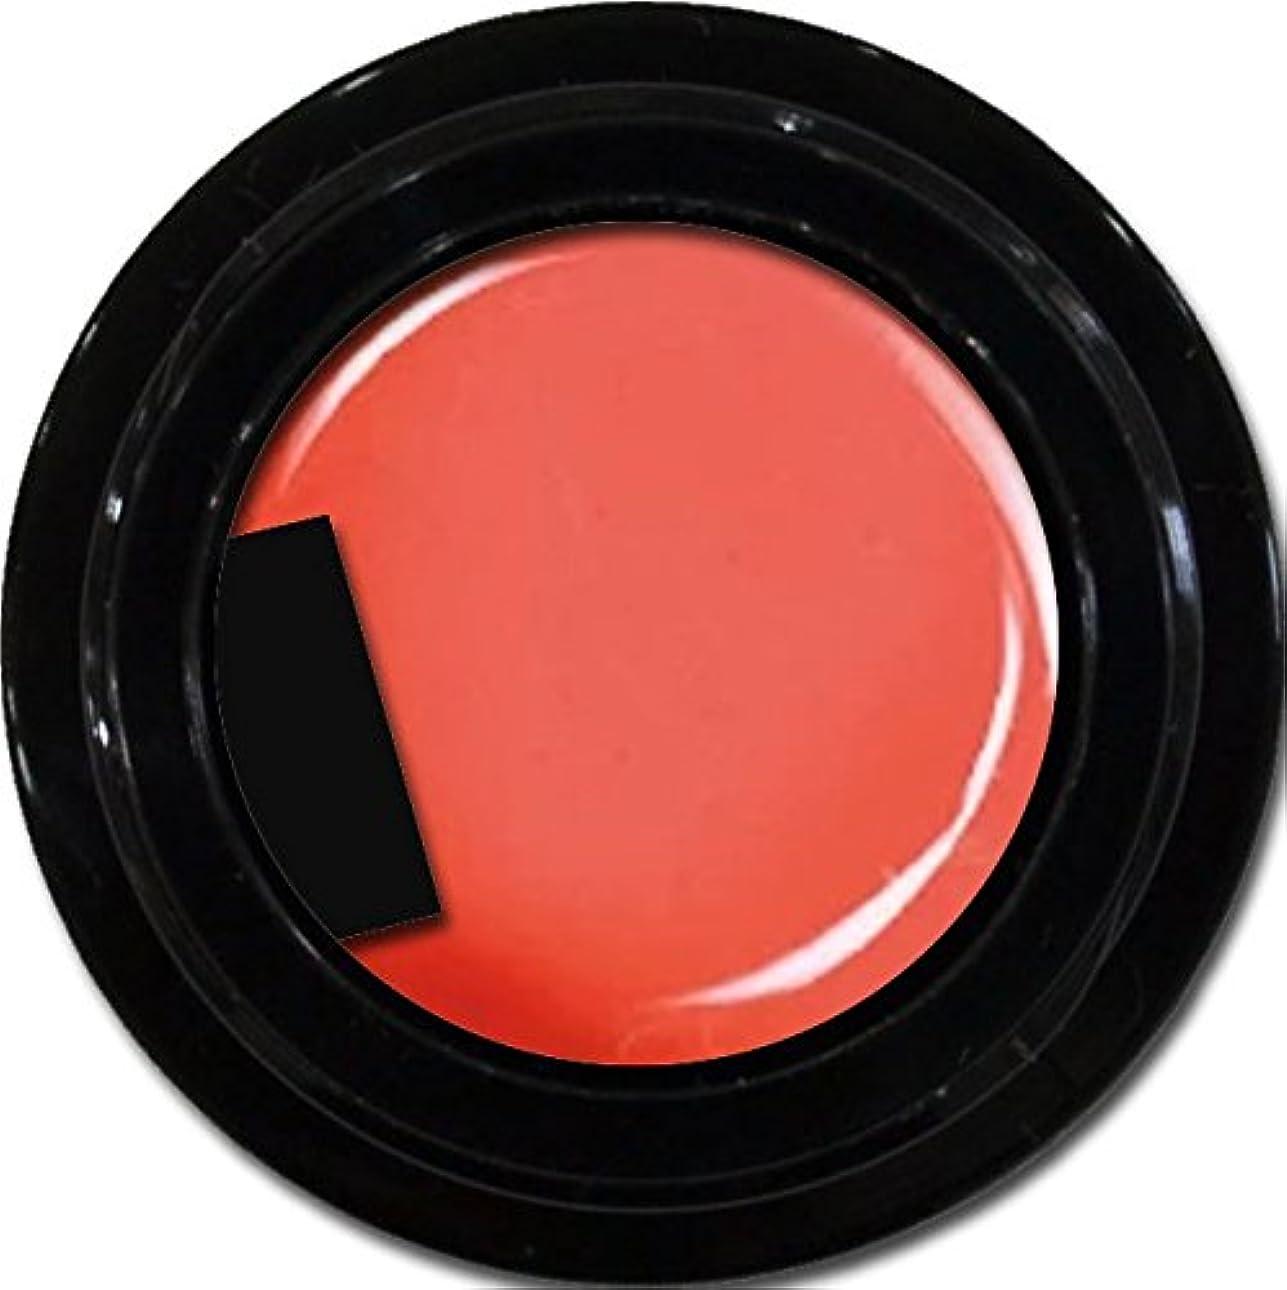 必要条件結核胴体カラージェル enchant color gel M301 FuzzyNavel 3g/ マットカラージェル M301 ファジーネーブル 3グラム